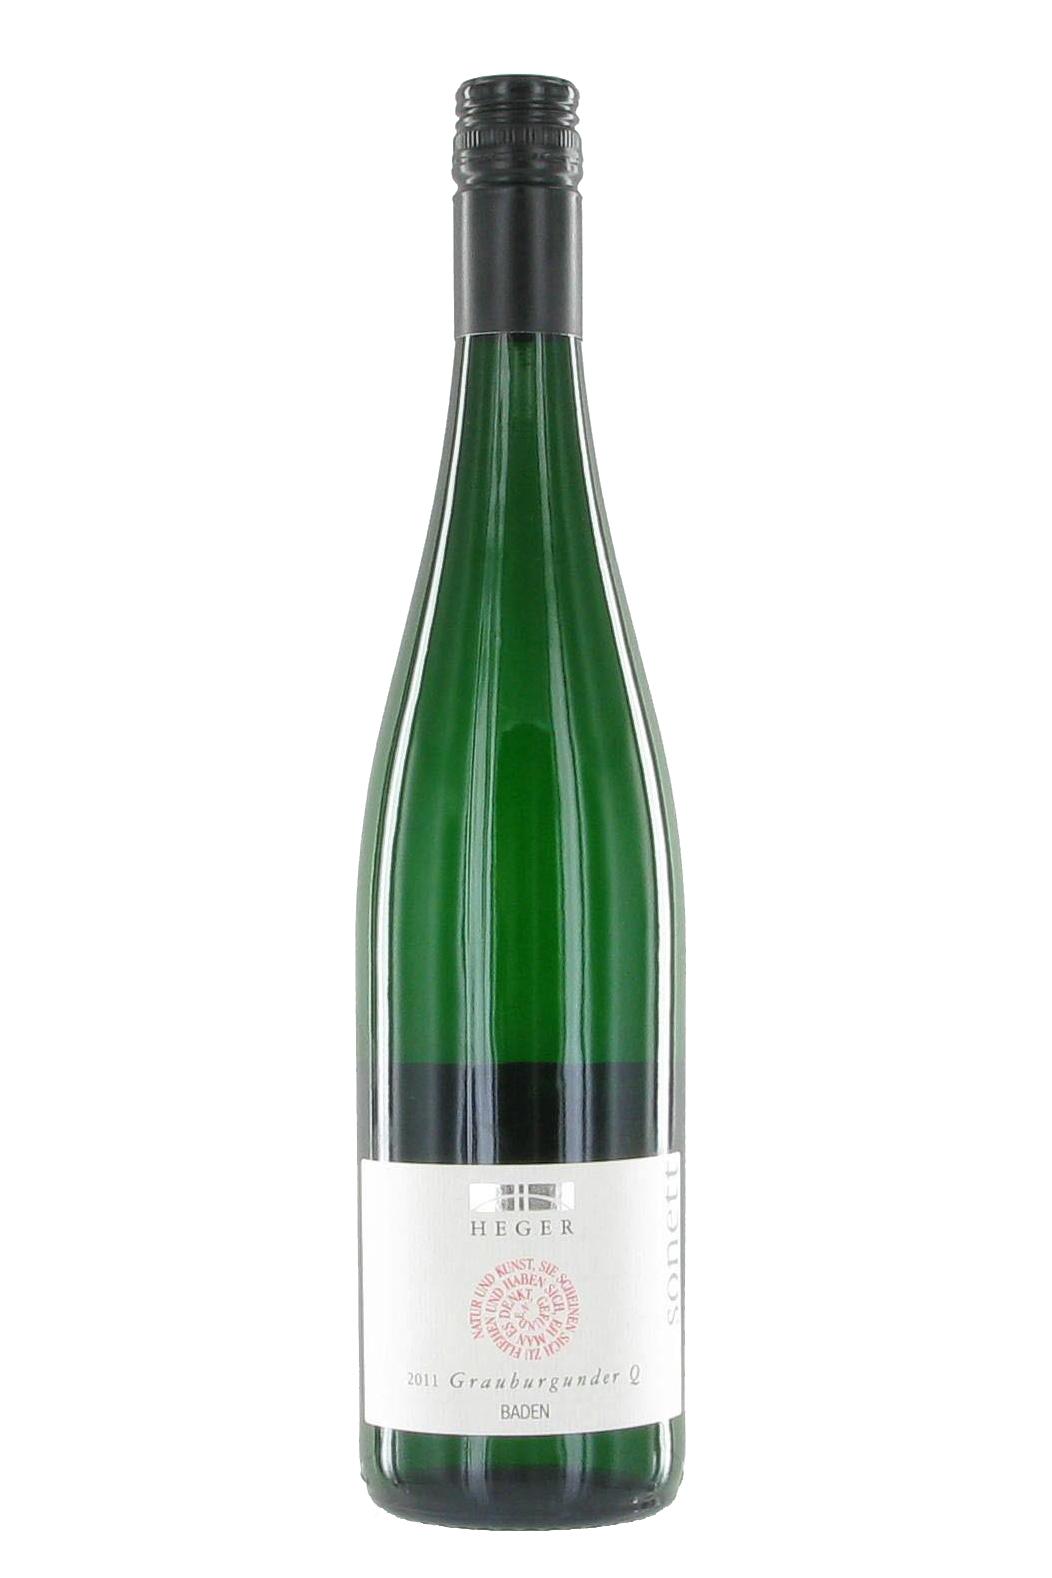 Heger Grauburgunder - Deutschland